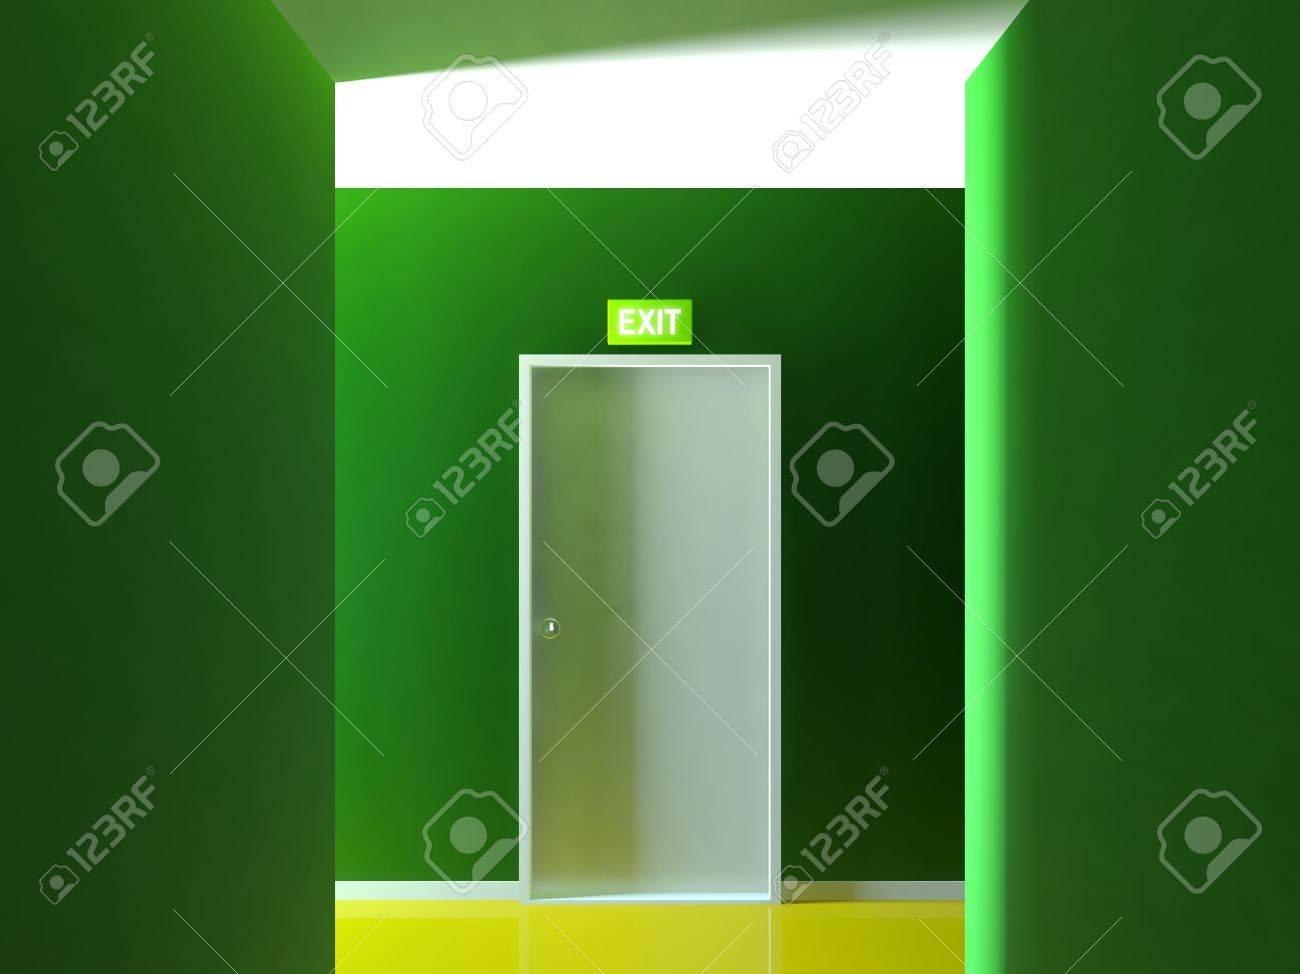 Emergency exit door Stock Photo - 14239730